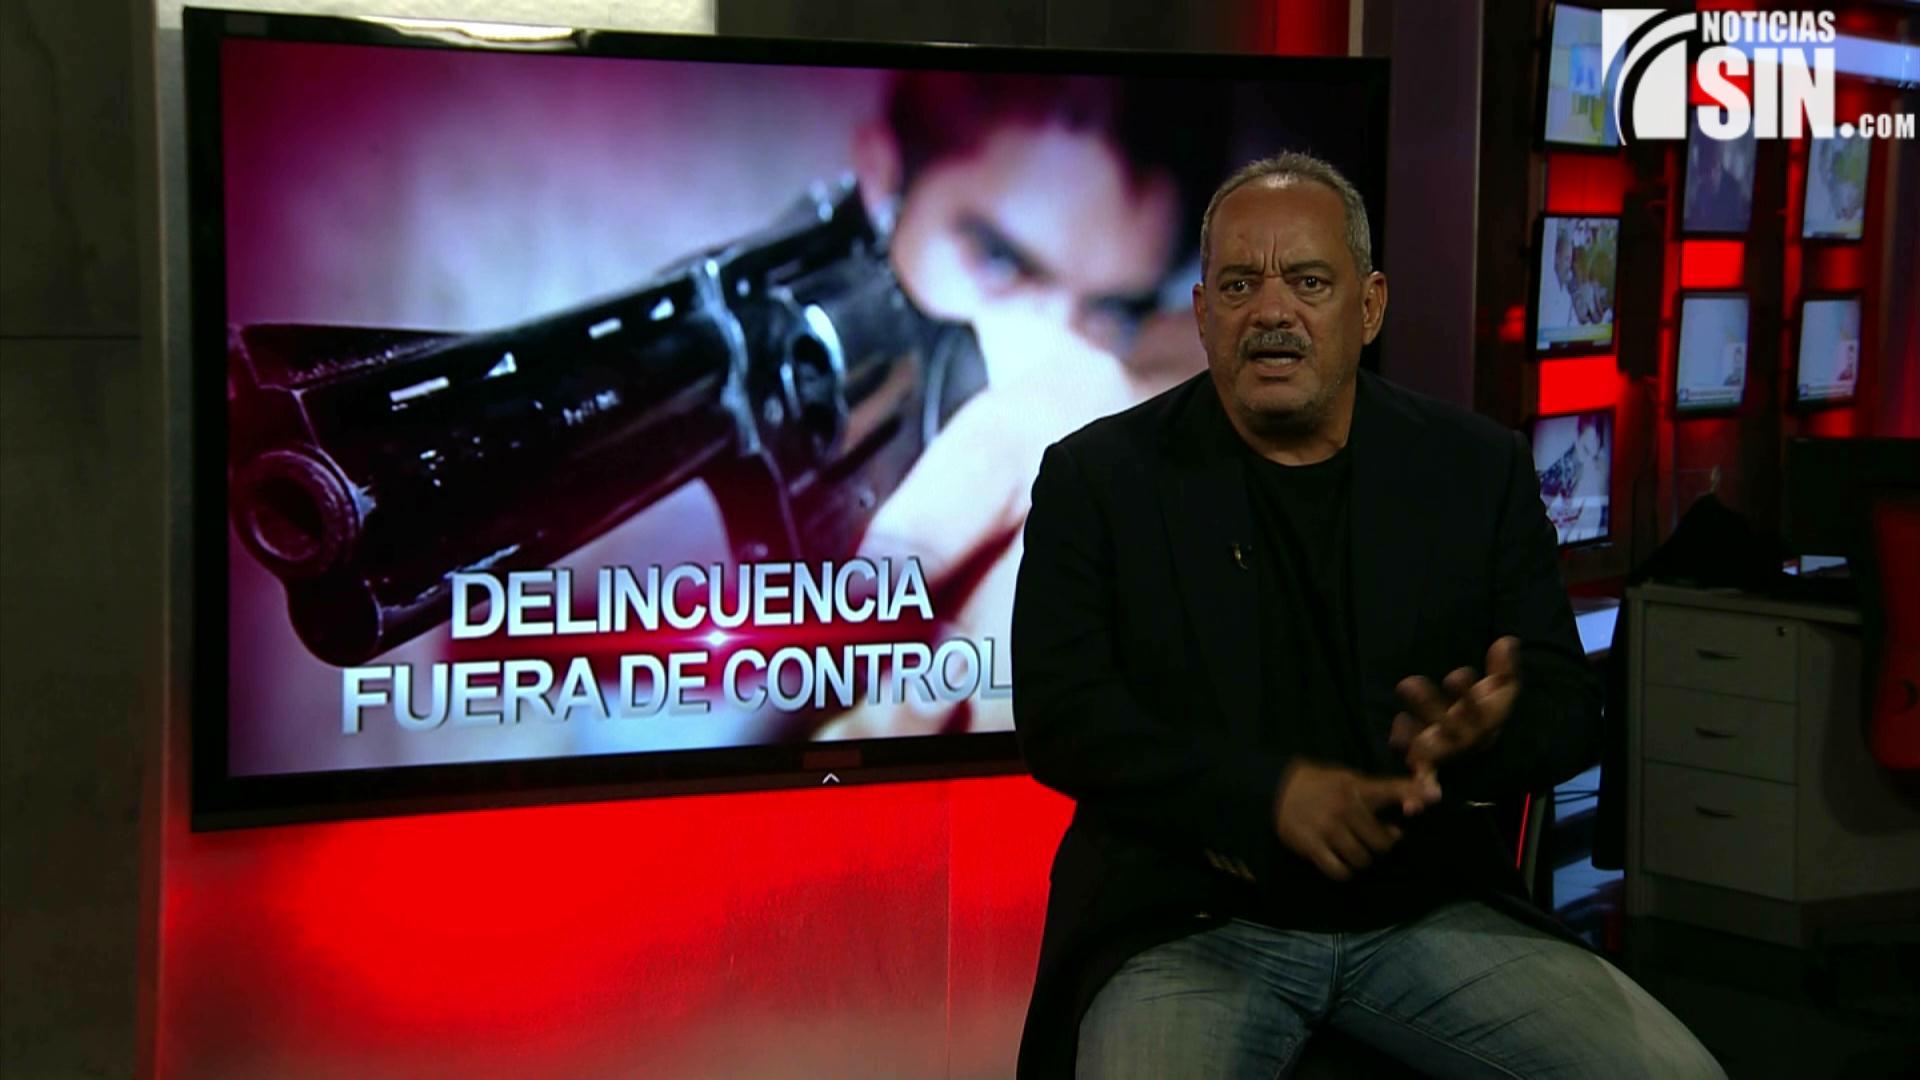 Alfonso Rodríguez: Delincuencia fuera de control